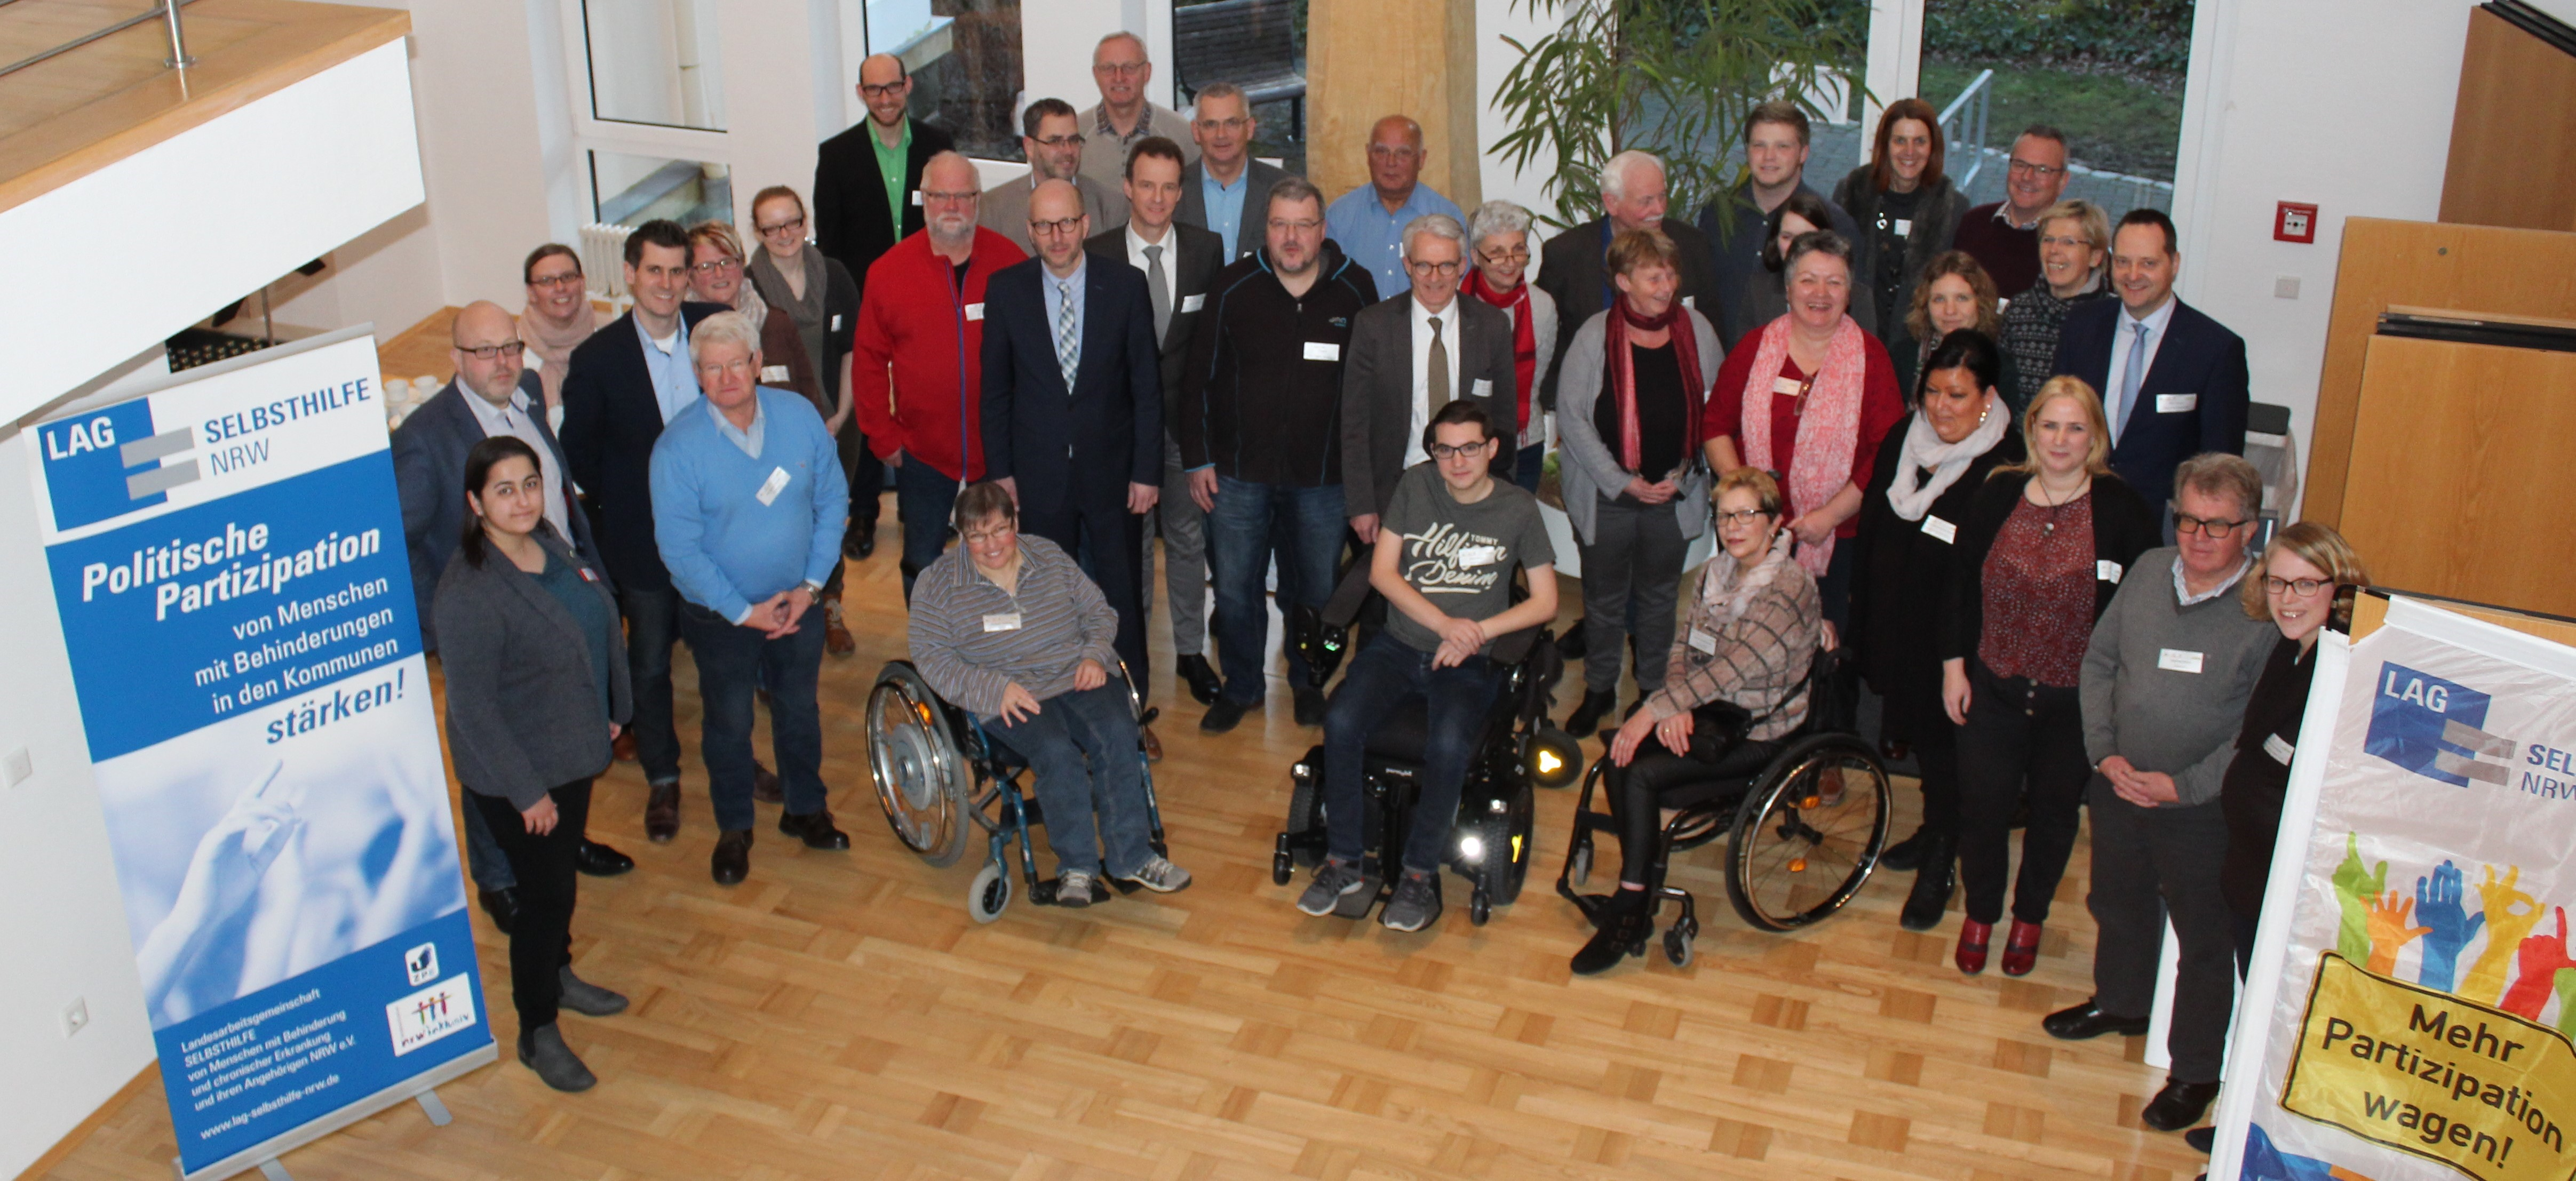 Die Teilnehmer*innen des Workshops in Drolshagen, Olpe und Wenden